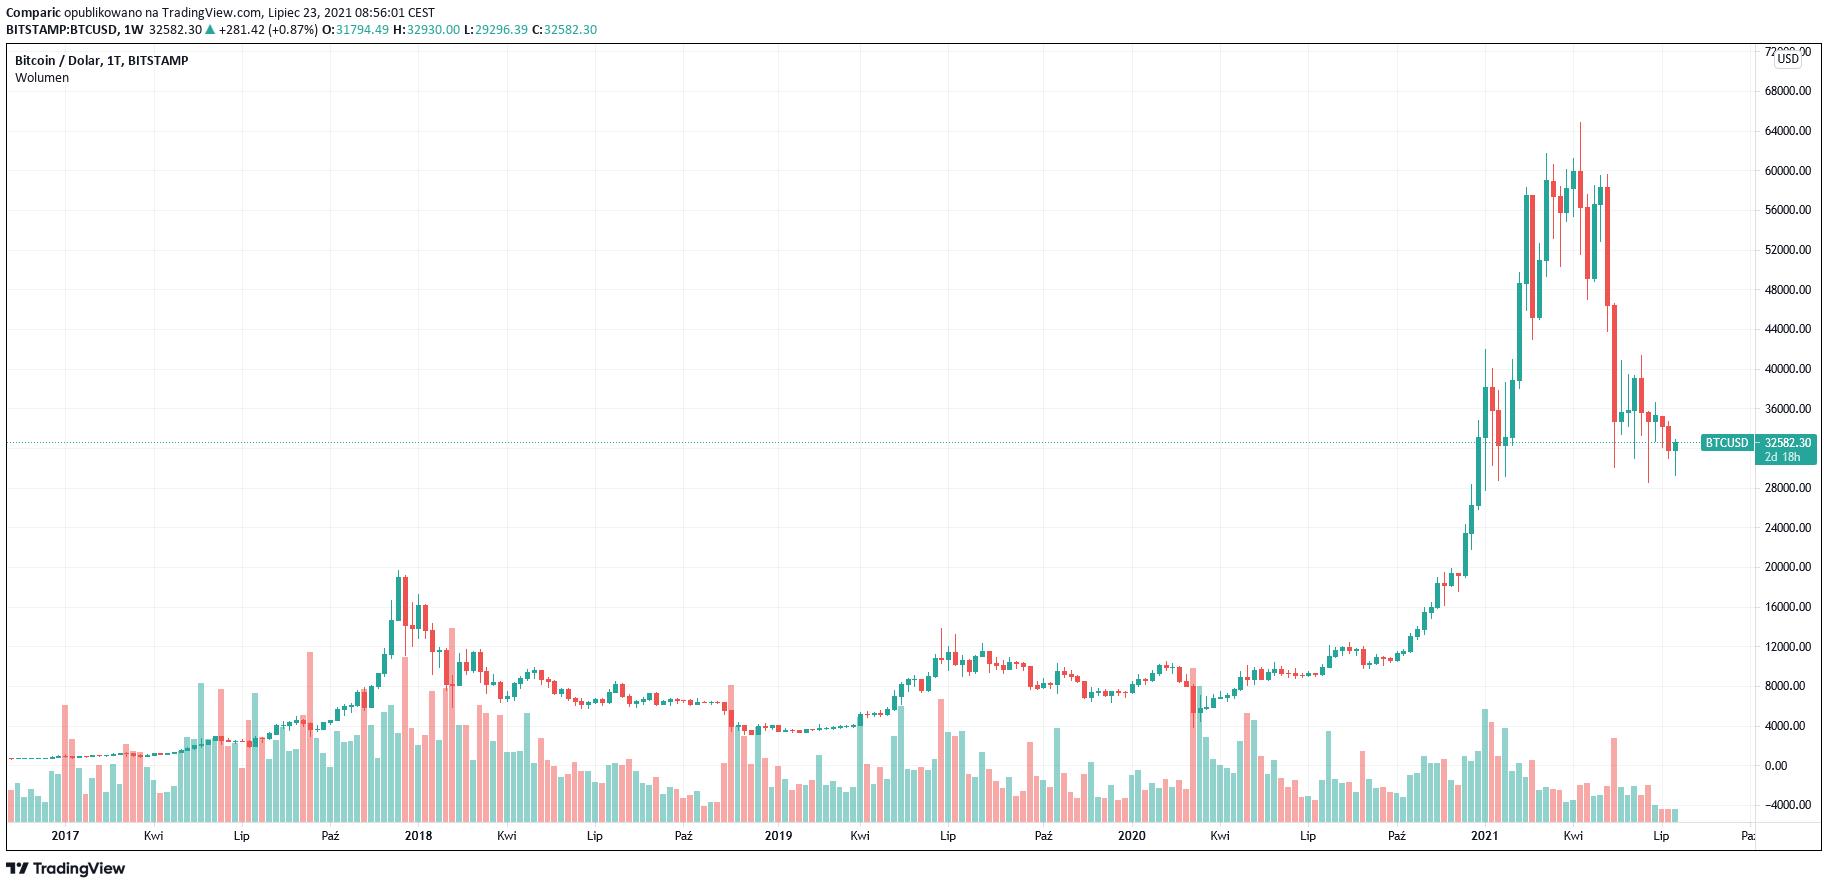 Bitcoin: trzy razy więcej inwestorów niż trzy lata temu